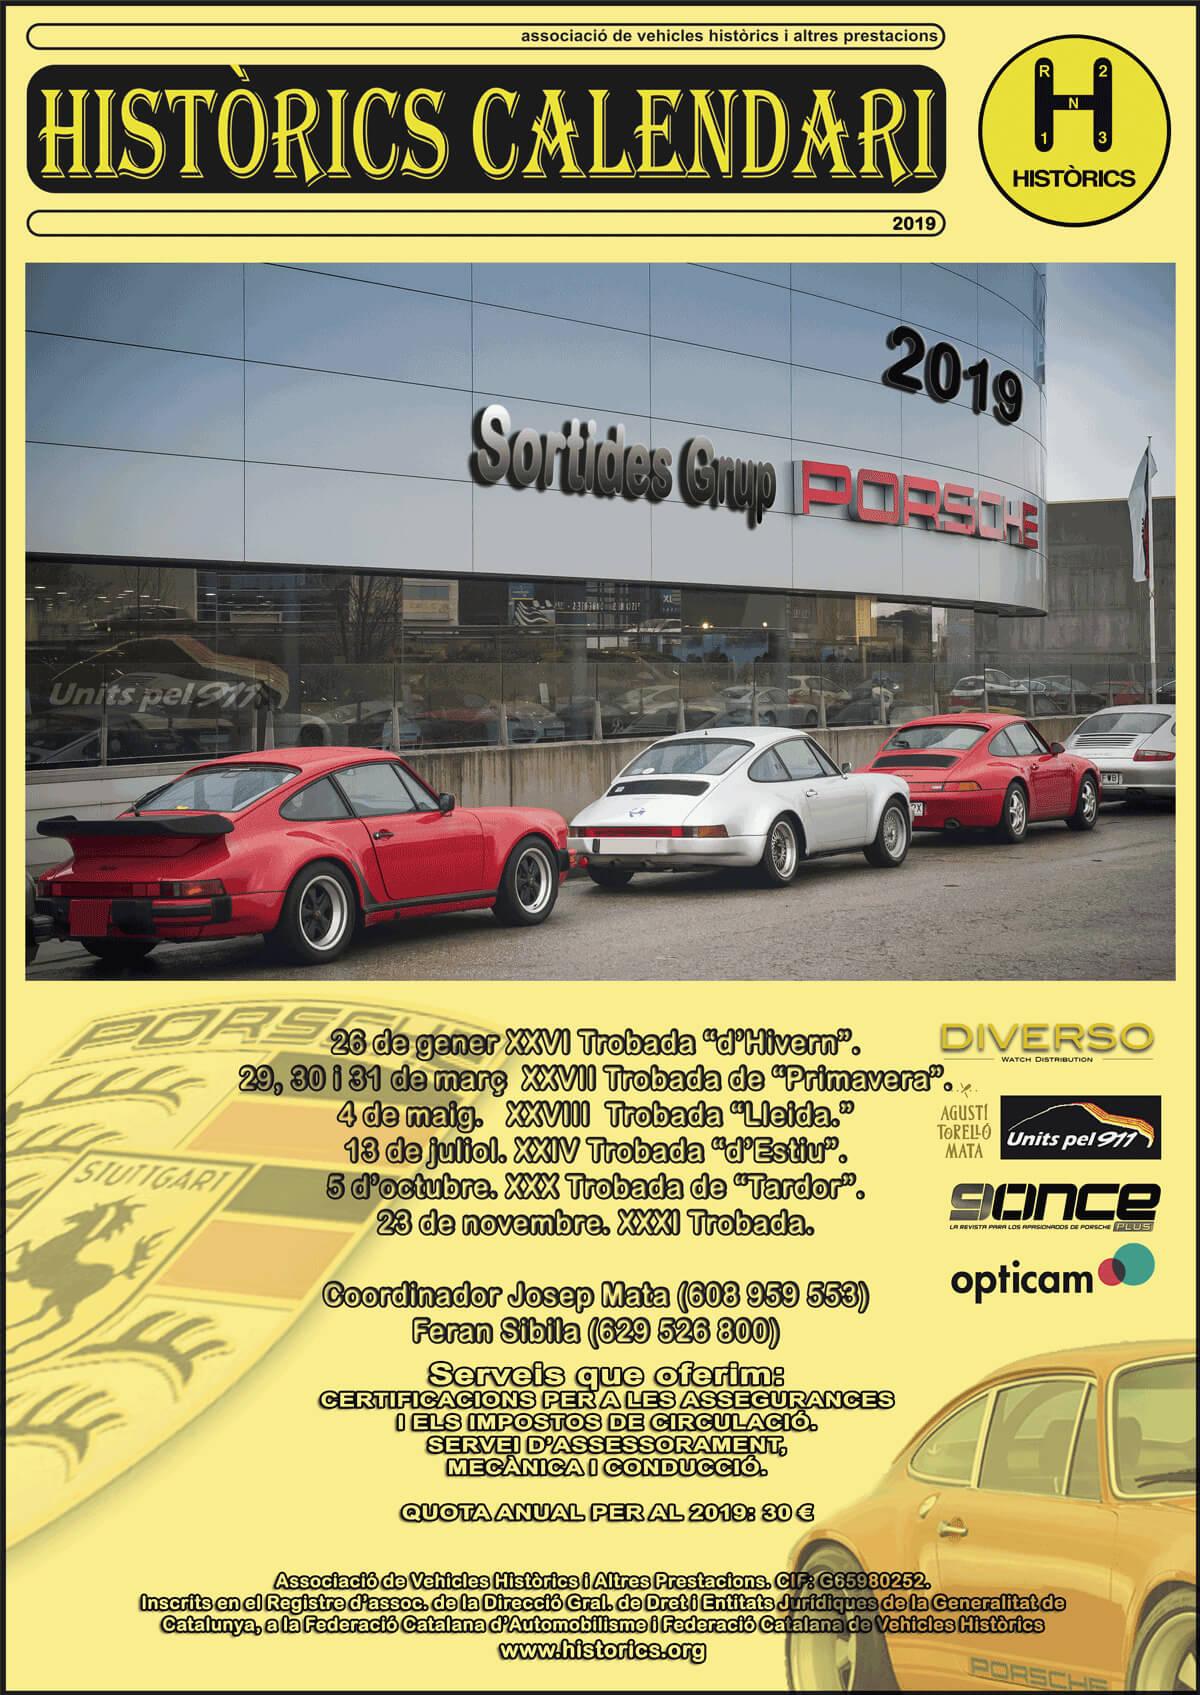 concentraciones coches clasicos Porsche